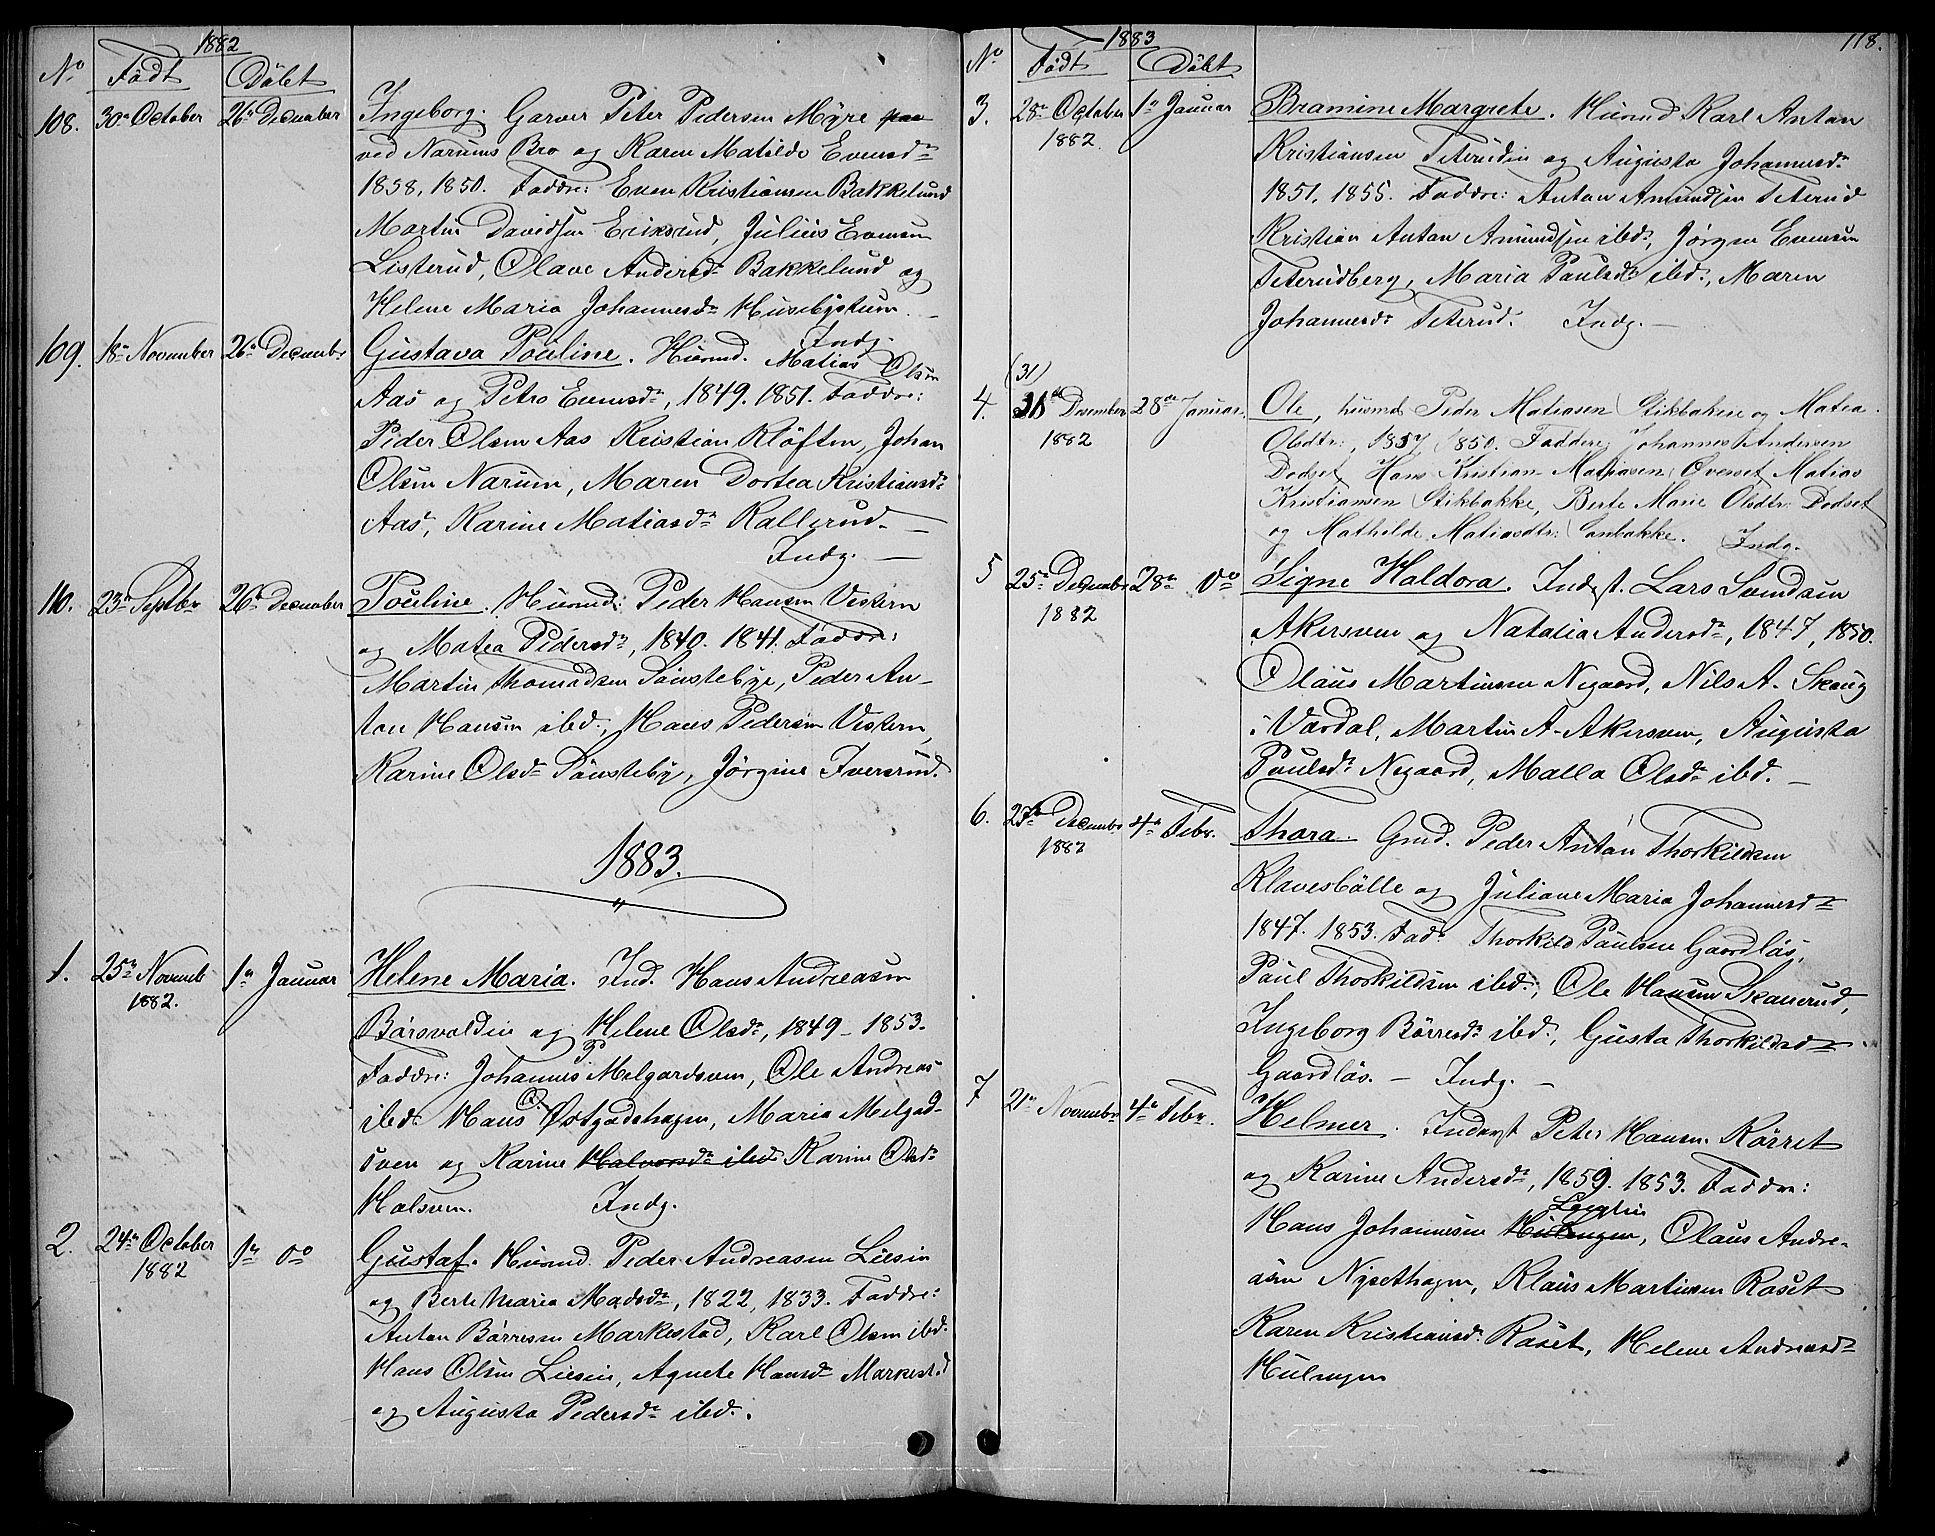 SAH, Vestre Toten prestekontor, H/Ha/Hab/L0006: Klokkerbok nr. 6, 1870-1887, s. 118